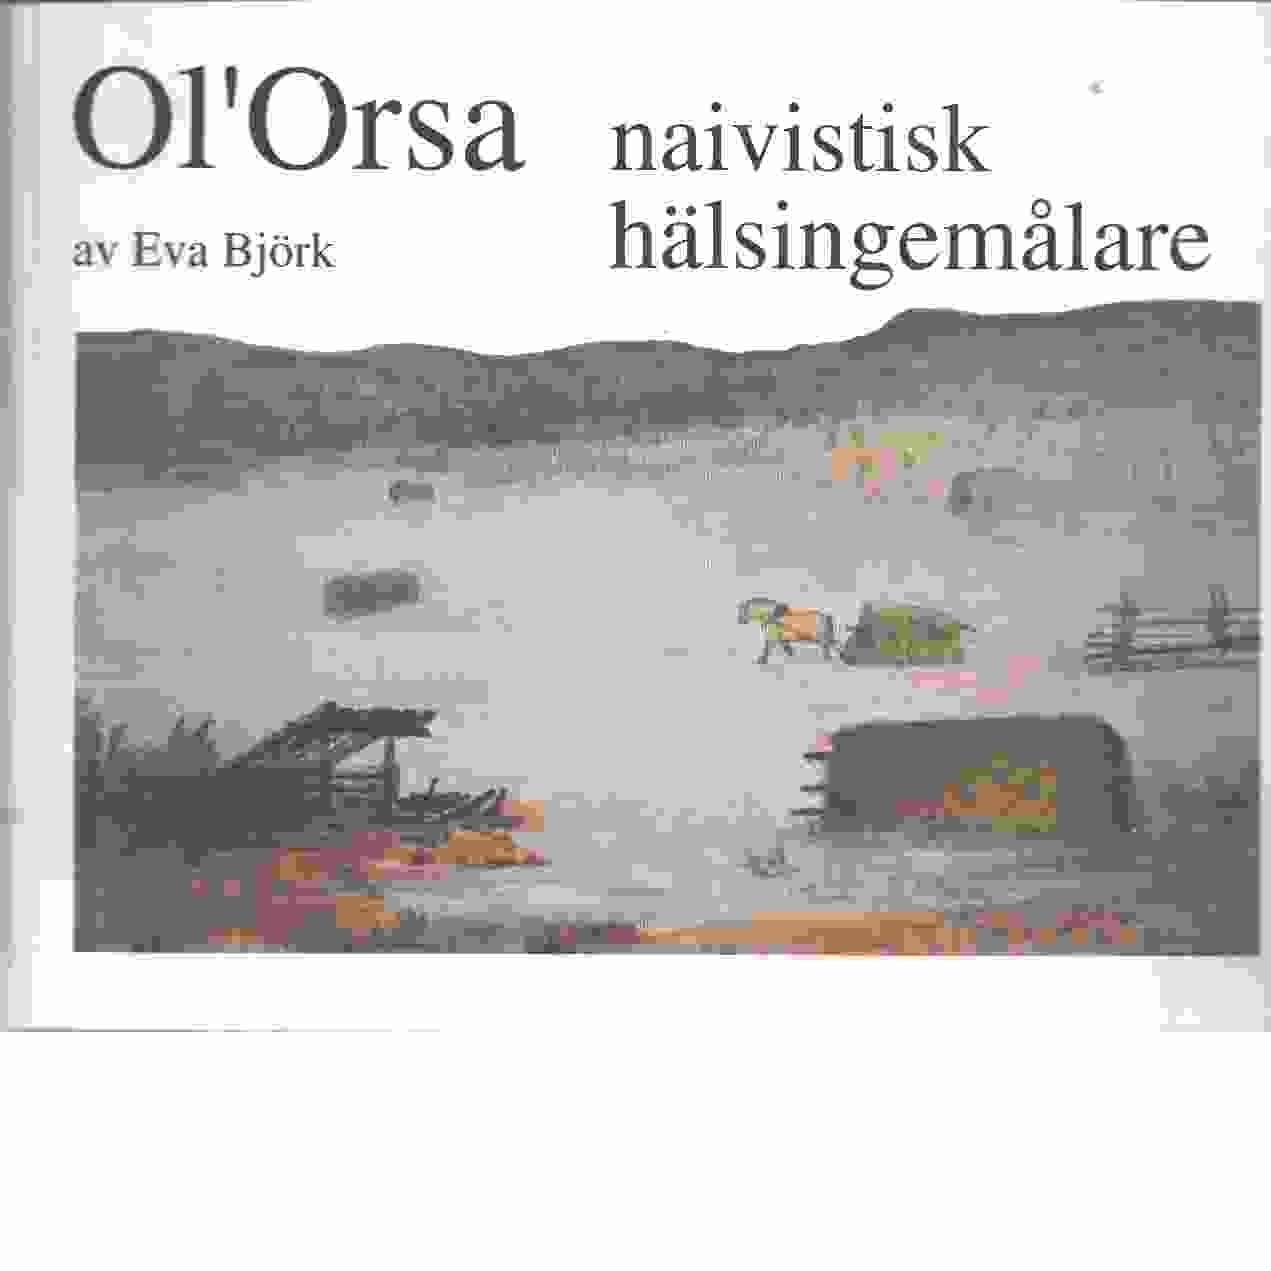 Ol'Orsa : naivistisk hälsingemålare  - Björk, Eva och Olsson, Olov